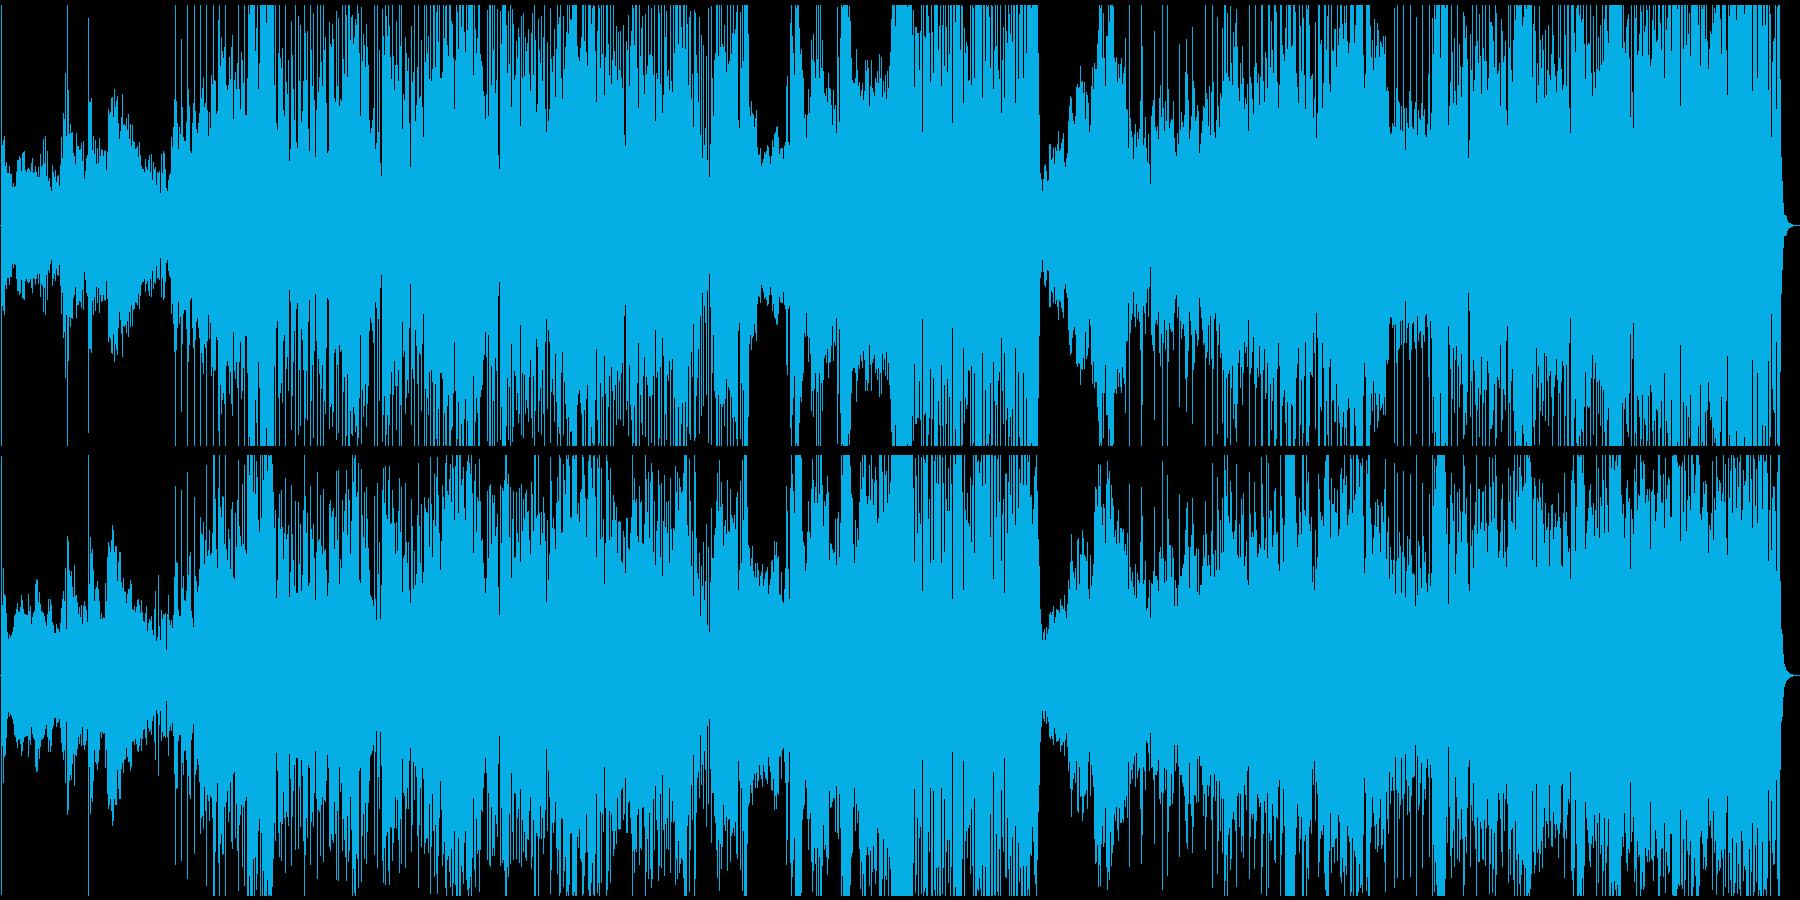 ドラマティックなフュージョン風BGMの再生済みの波形